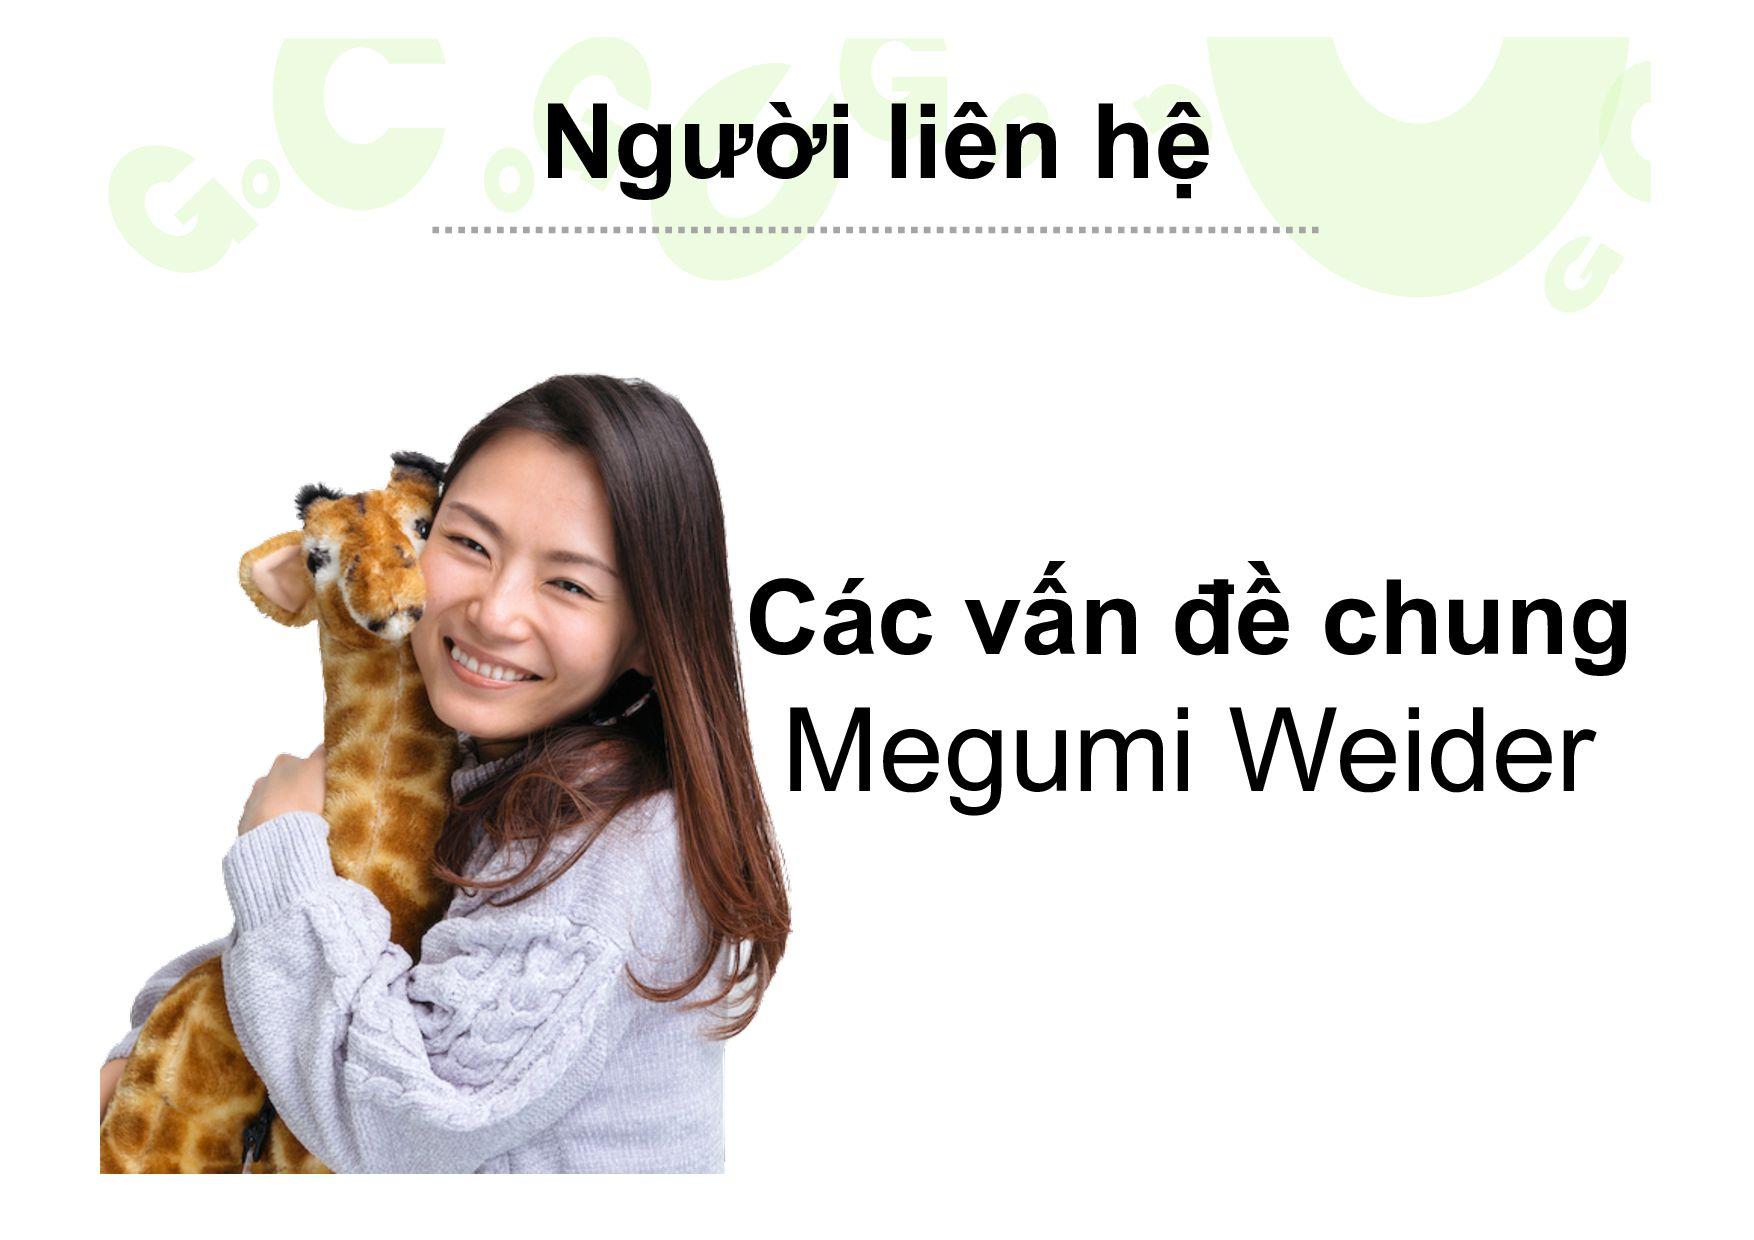 Người liên hệ Các vấn đề chung Megumi Weider